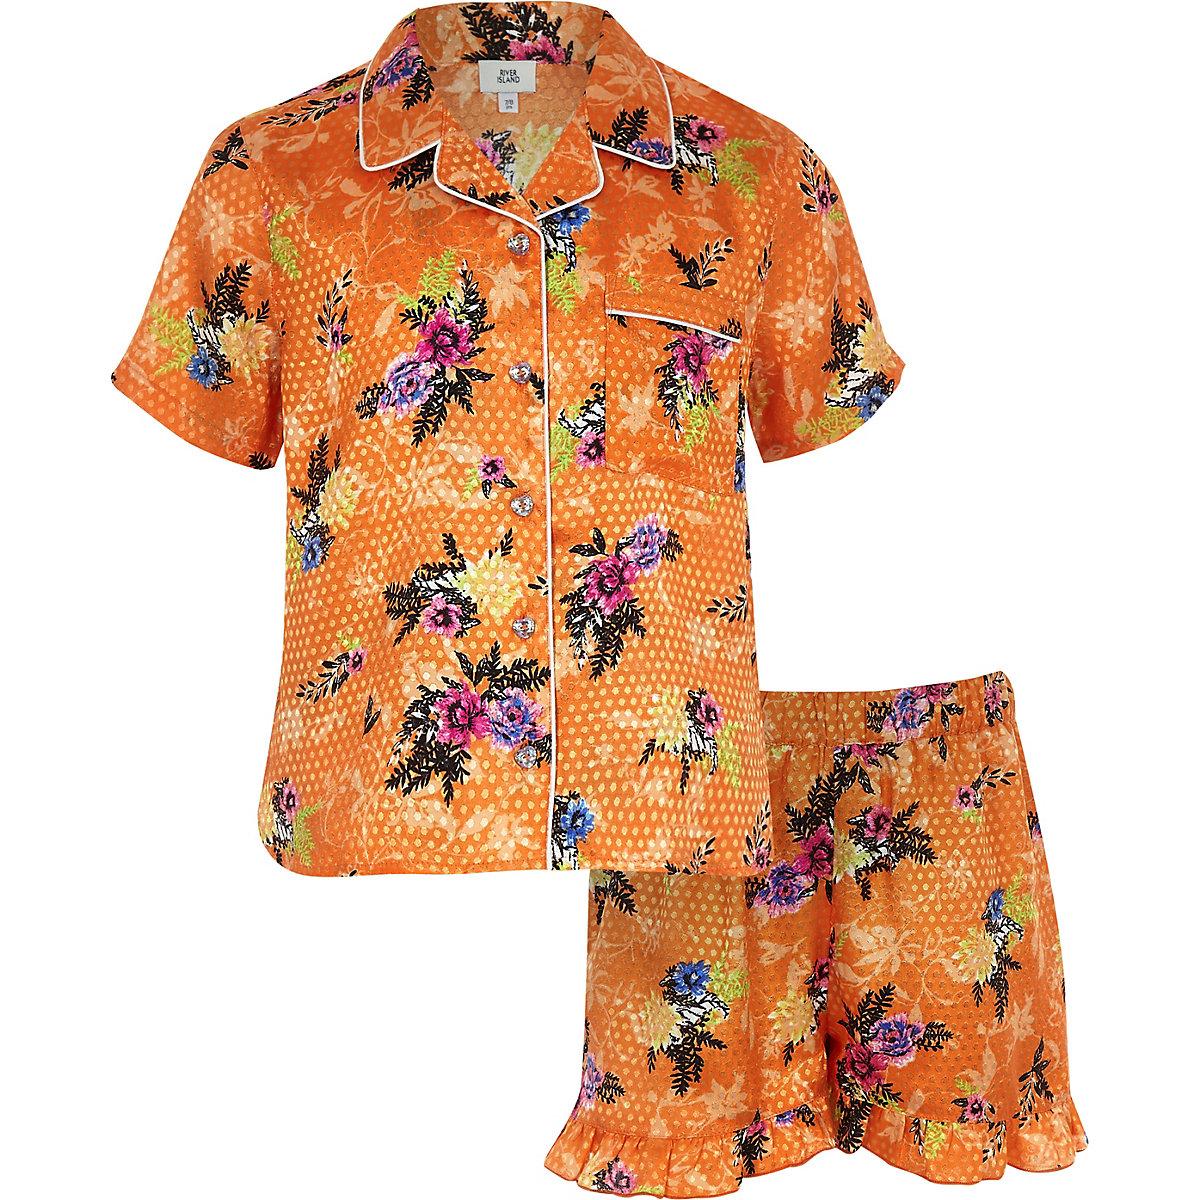 Girls orange floral print pajama set